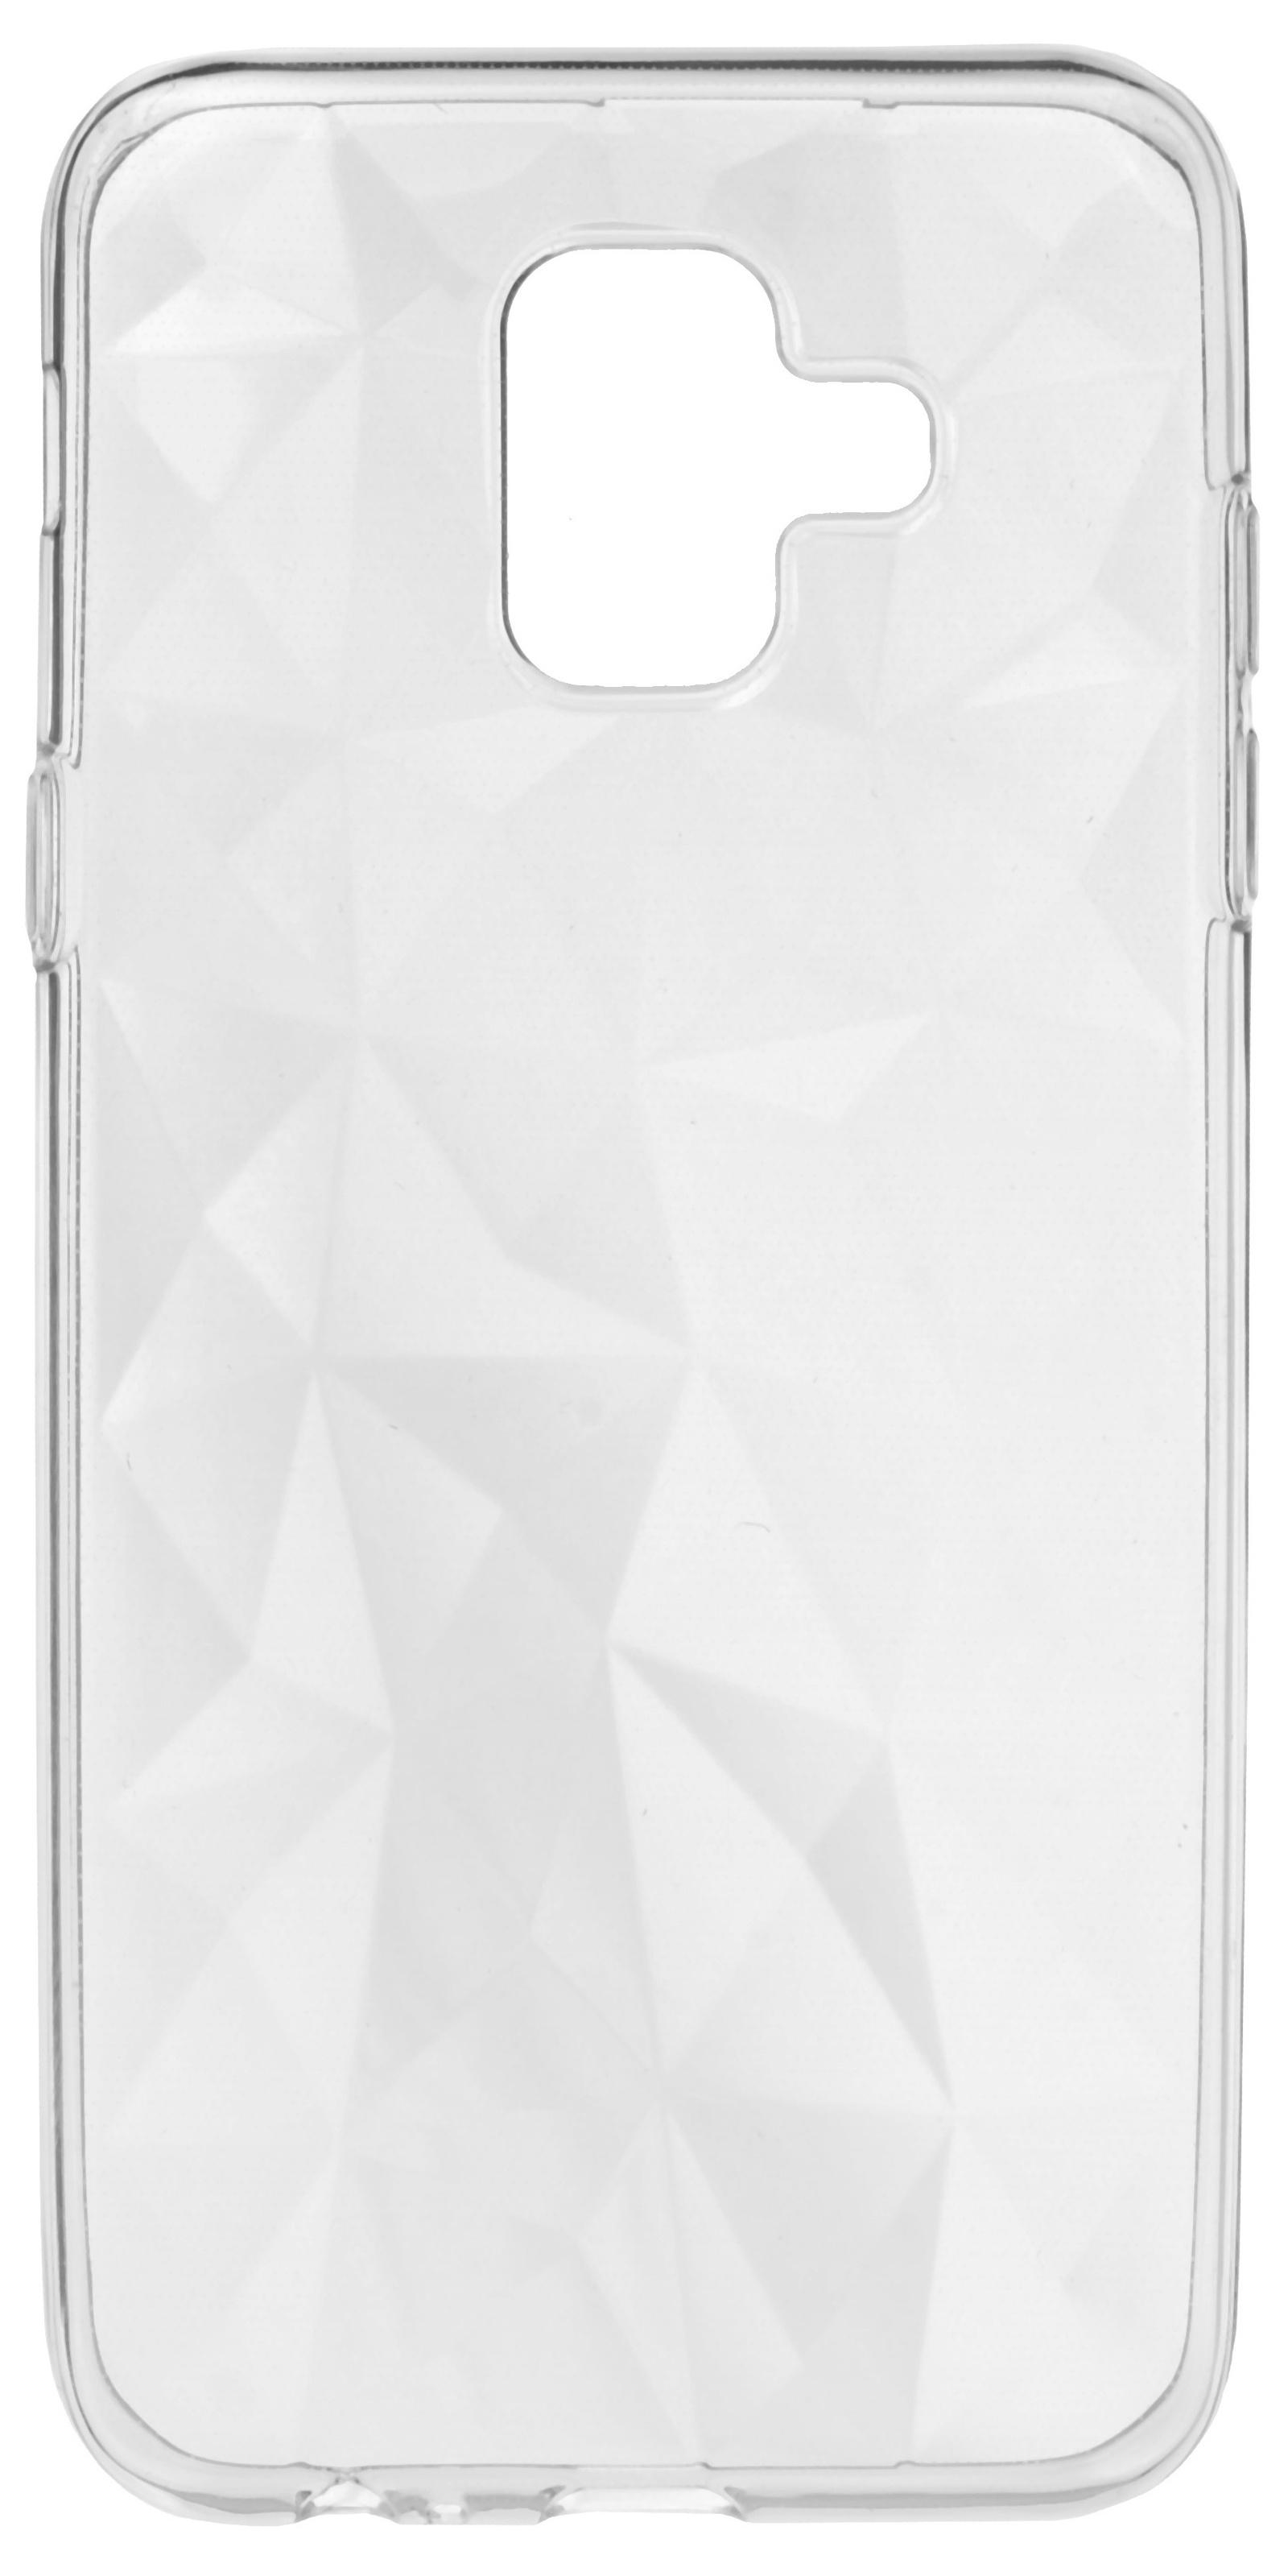 Накладка skinBOX для Galaxy A6 (2018), Transparent голубков евгений петрович инновационный менеджмент технология принятия управленческих решений